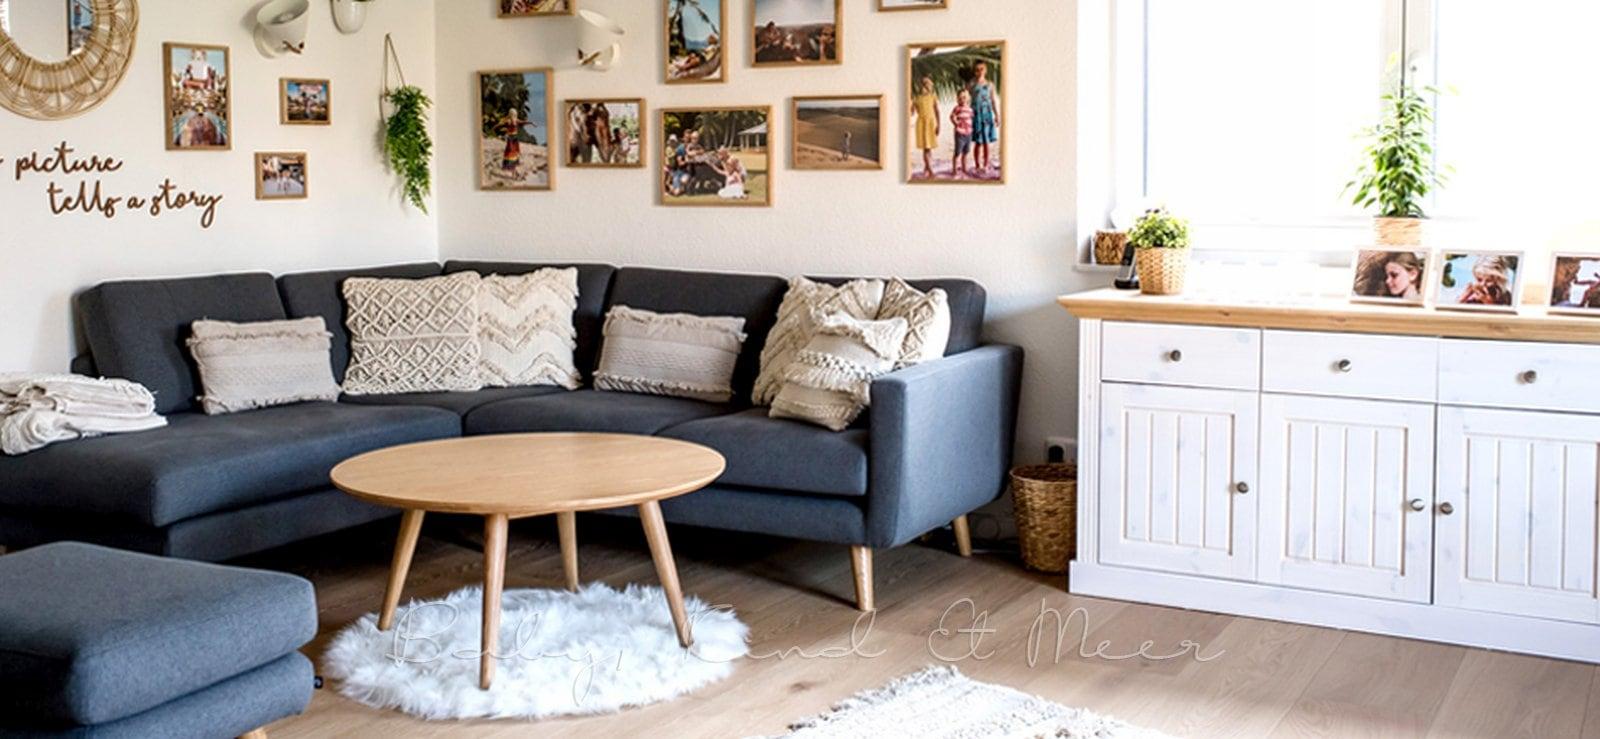 Full Size of Ikea Hauswirtschaftsraum Planen Unser Neues Wohnzimmer Roomtour Hausbau Garten Baby Betten 160x200 Küche Kosten Bei Kaufen Kleines Bad Selber Online Kostenlos Wohnzimmer Ikea Hauswirtschaftsraum Planen